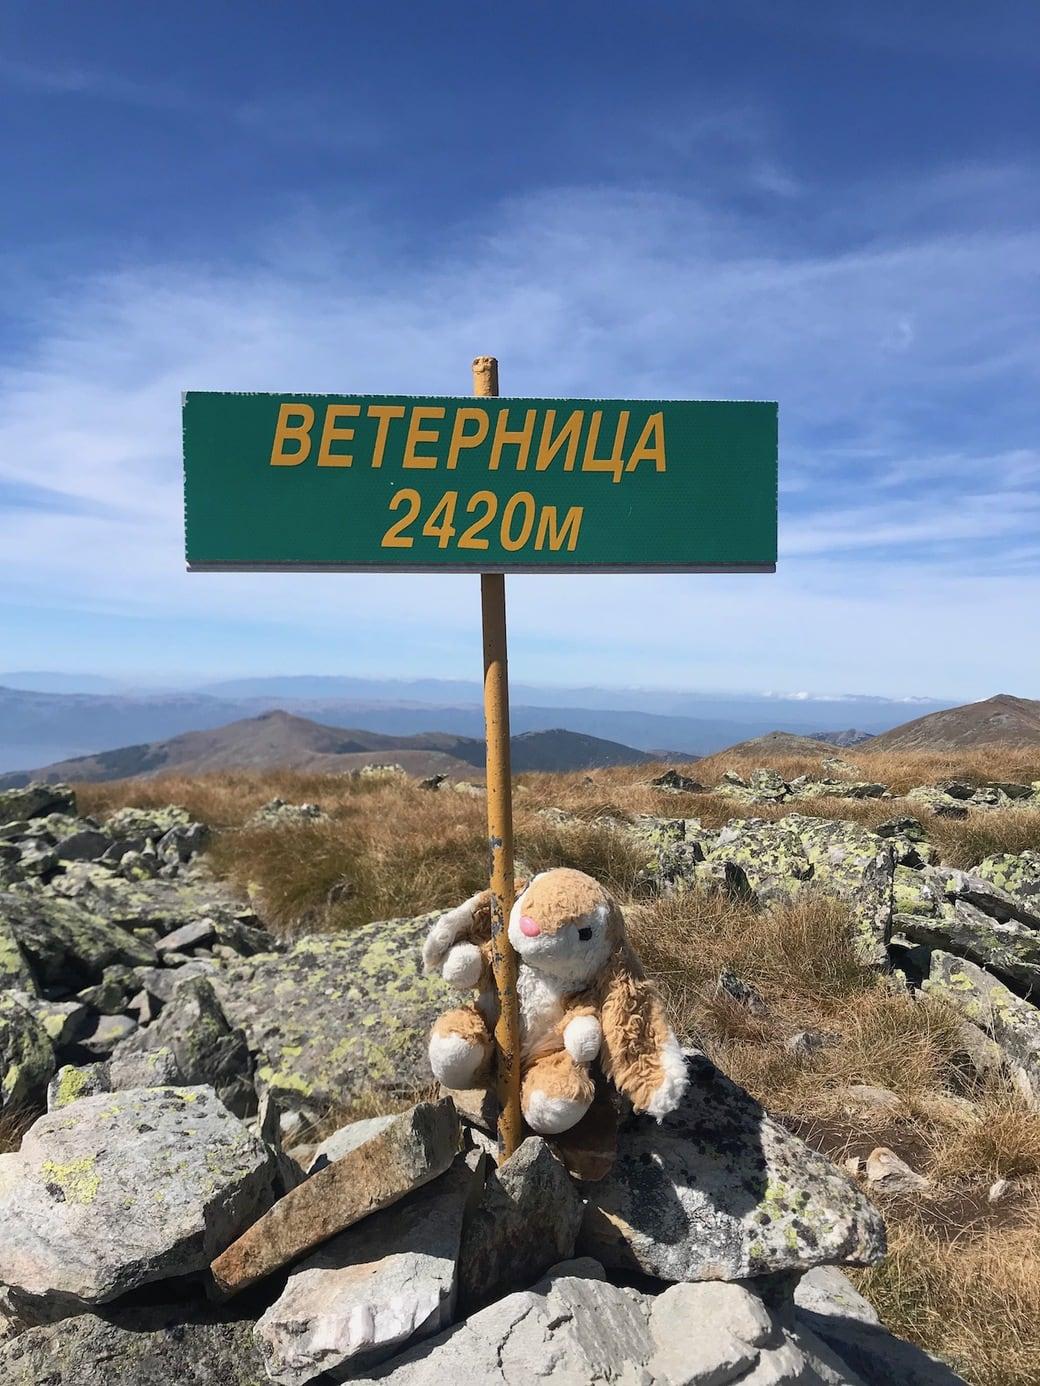 Bunny conquering mountains